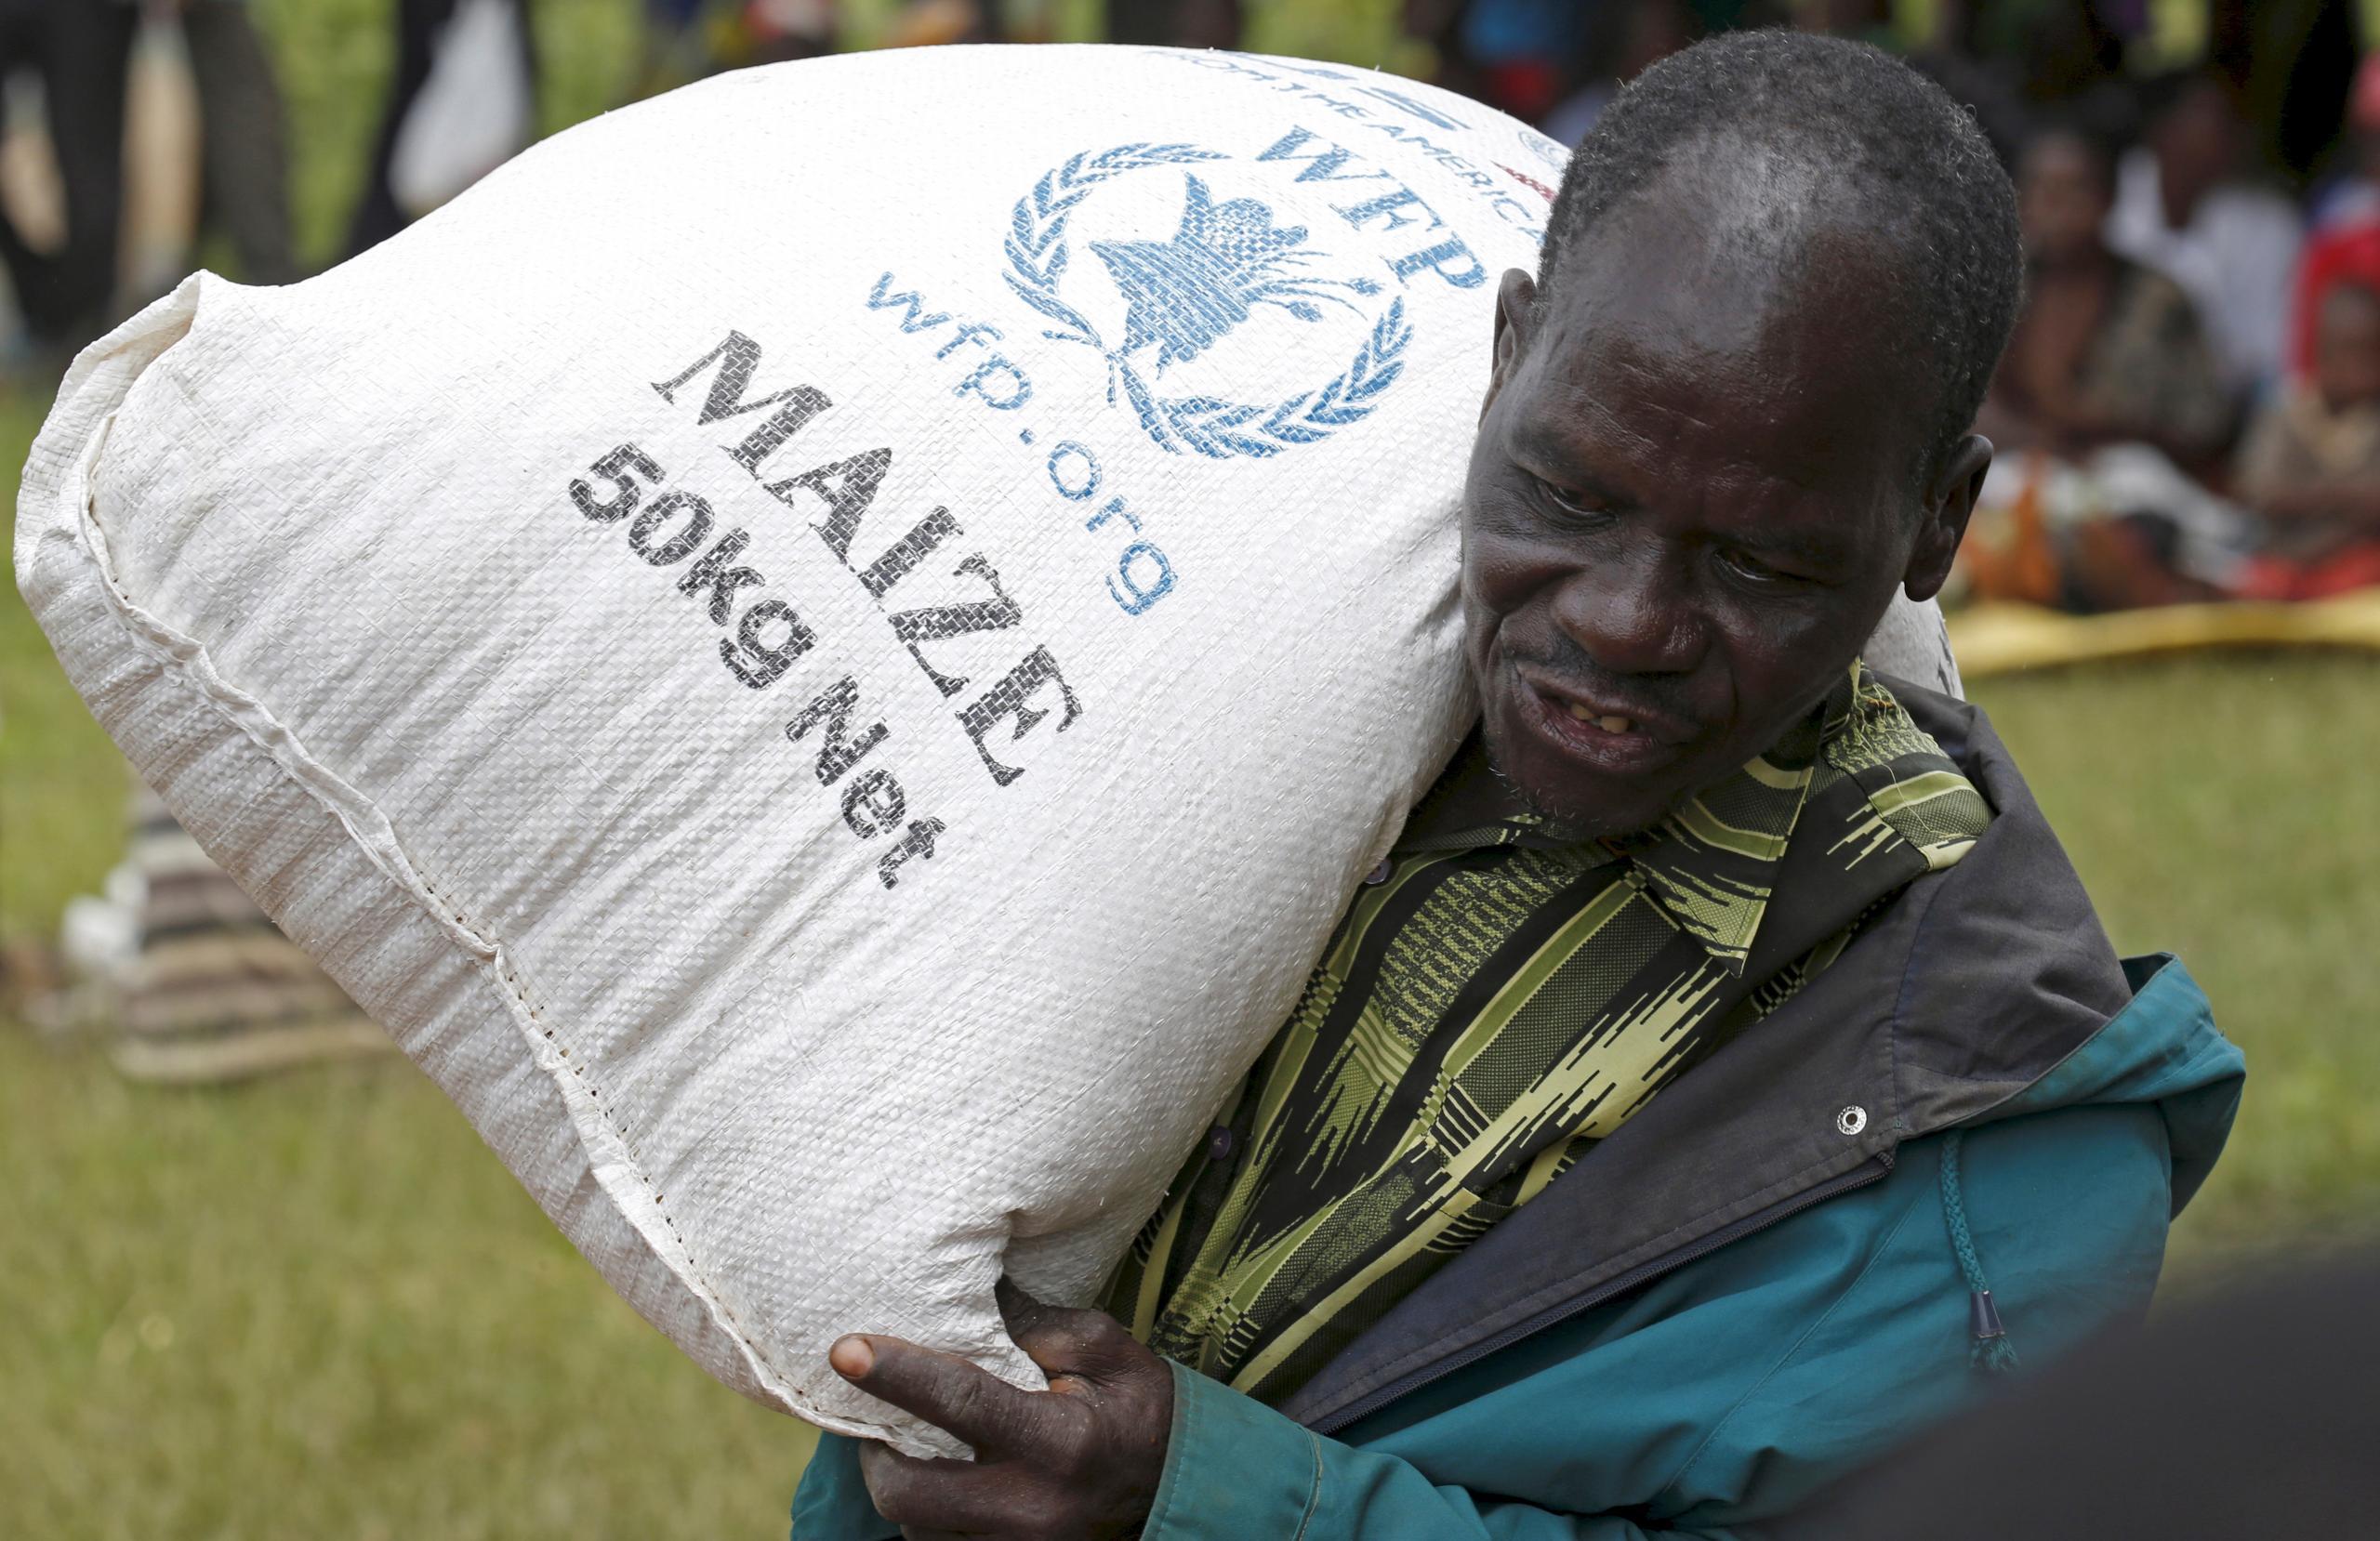 """رجل من """"مالاوي"""" يستلم مساعدة غذائية من برنامج الغذاء العالمي التابع للأمم المتحدة في قرية مزومازي بالقرب من العاصمة ليلونغوي-""""أرشيفية من رويترز"""""""